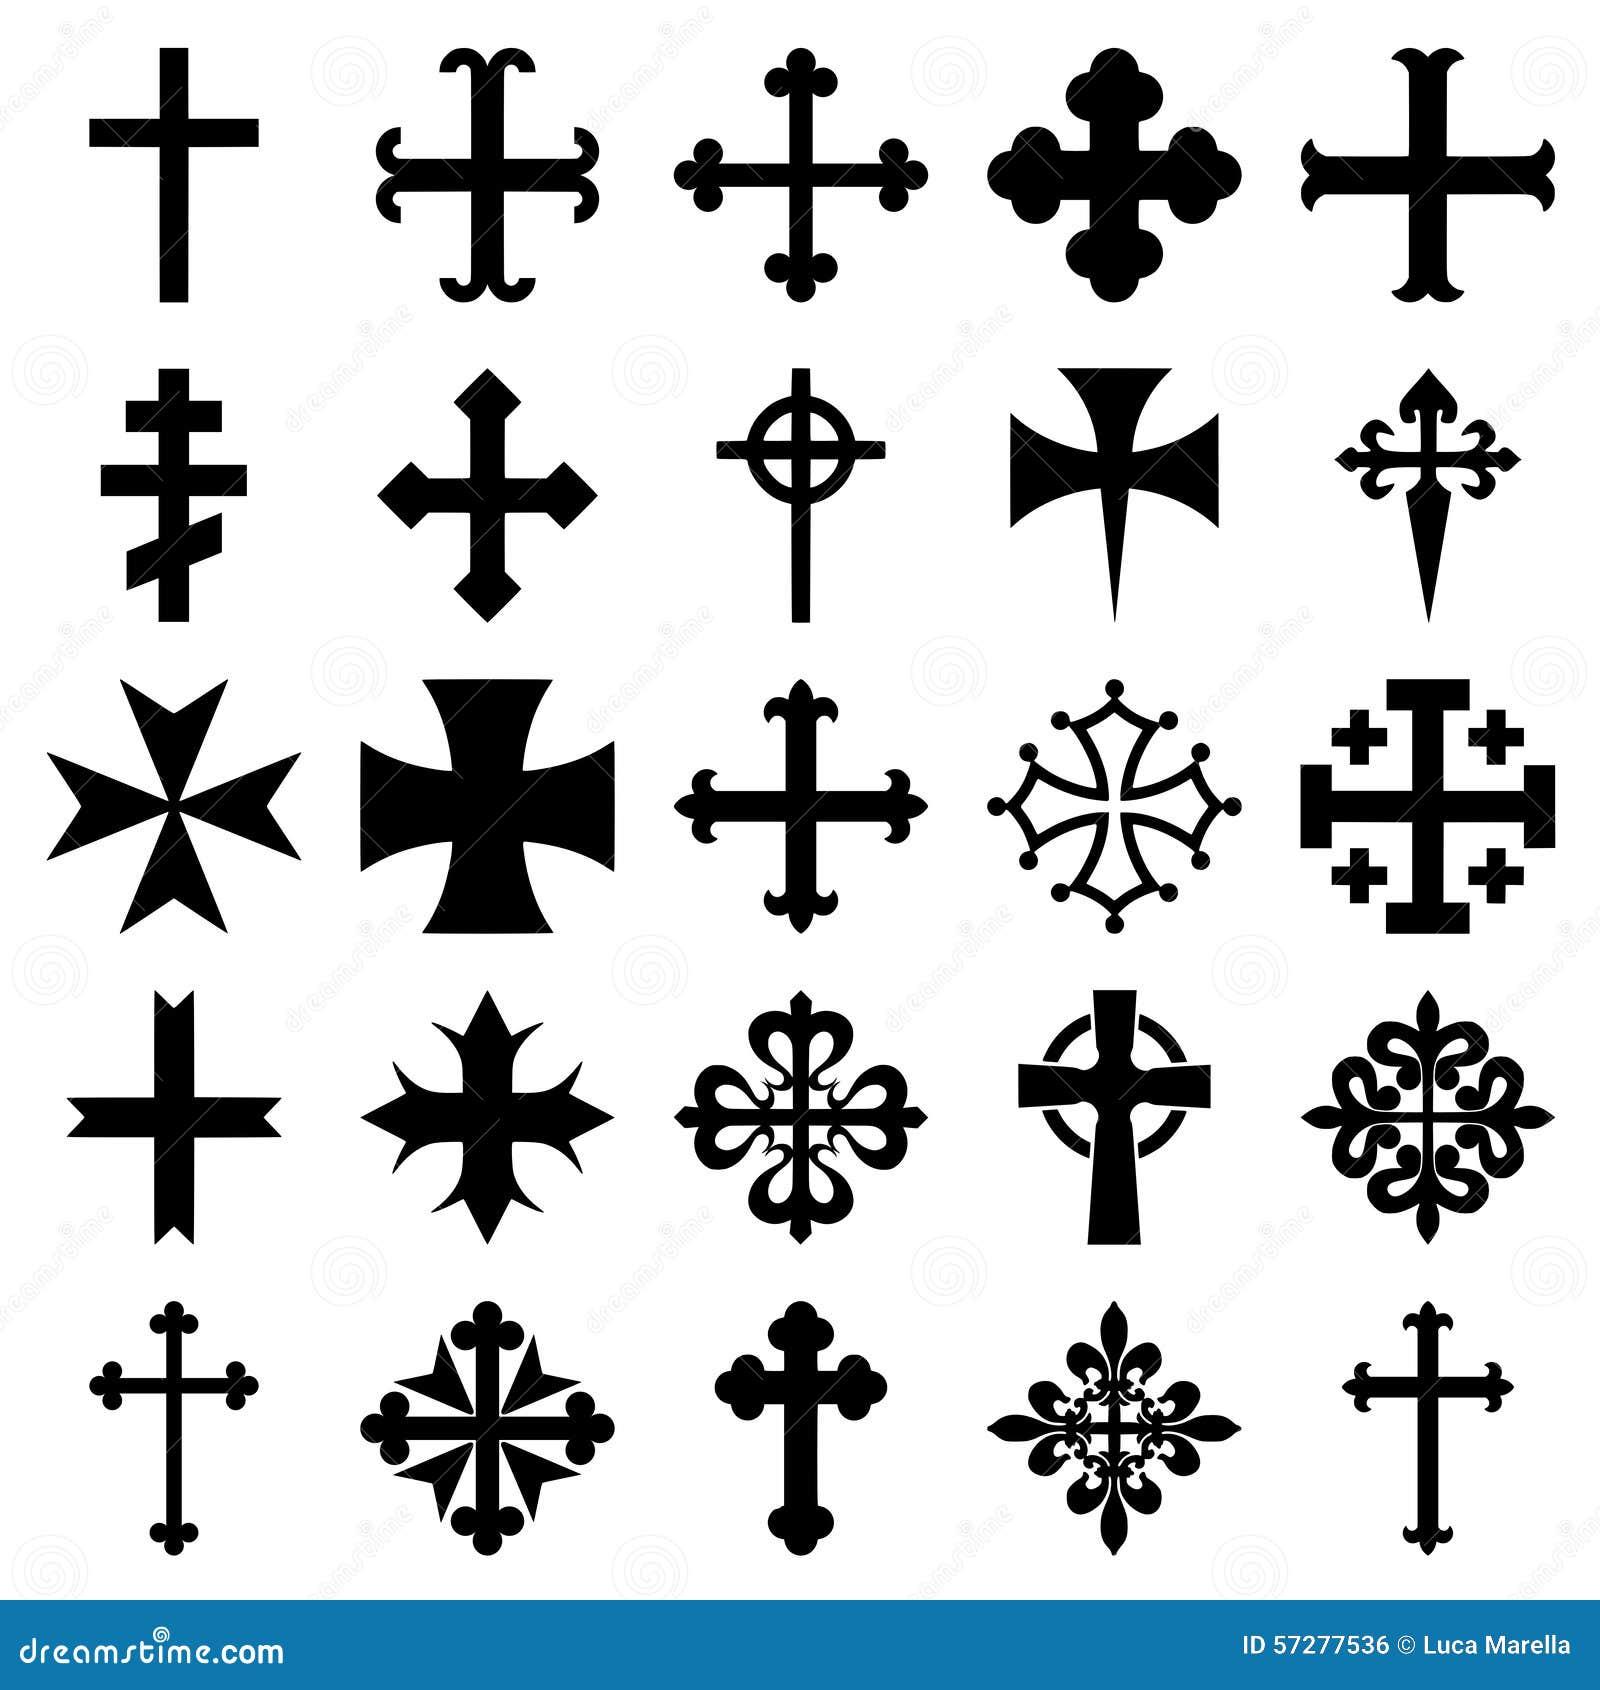 Heraldic crosses icons set